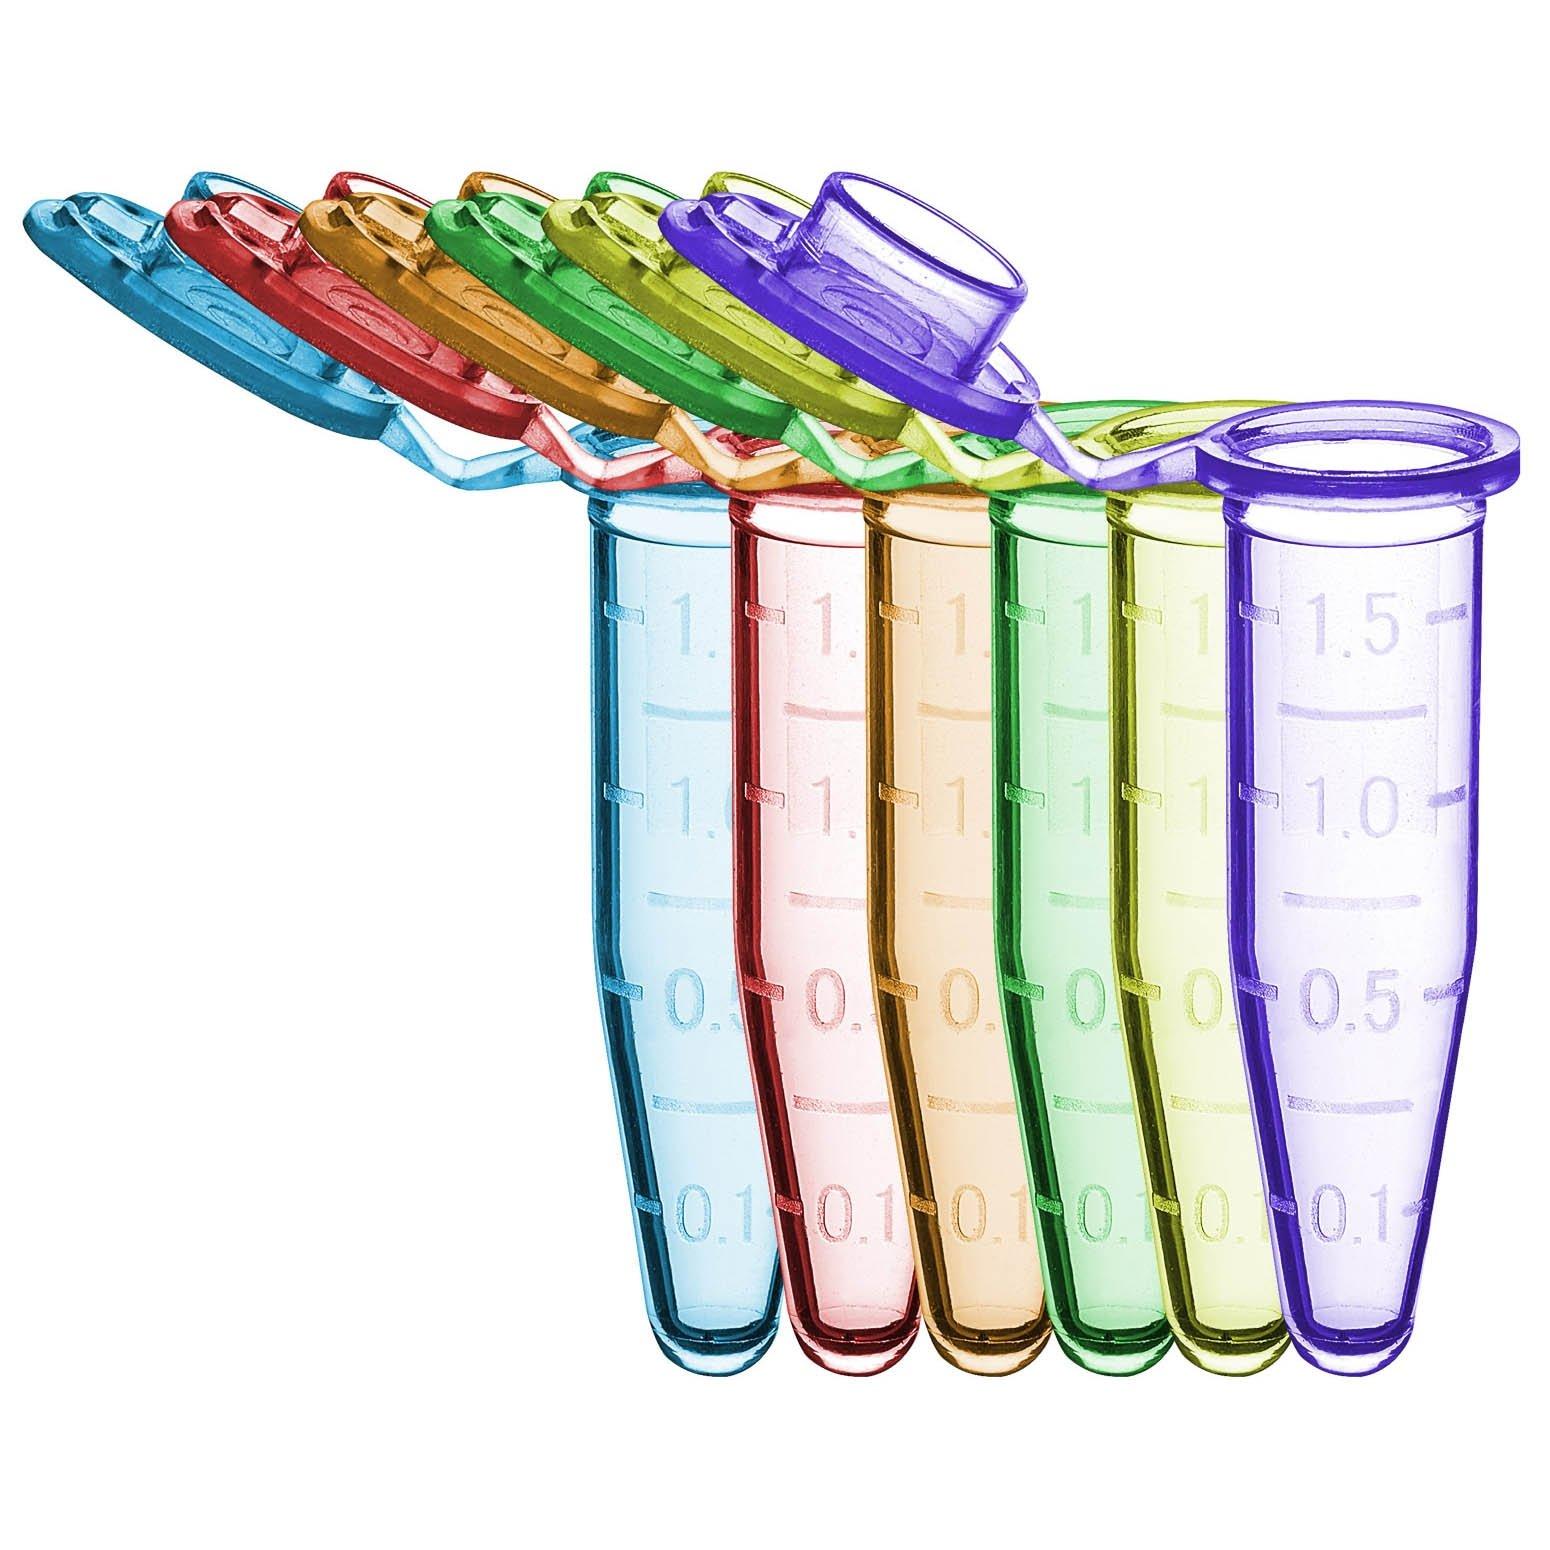 SureSeal S 1.5mL Sterile Microcentrifuge Tube - Assorted Colors (500 Tubes & 10 Stop-Pops/Bag, 10 Bags/Case) - BACKORDER UNTIL 10/01/2021